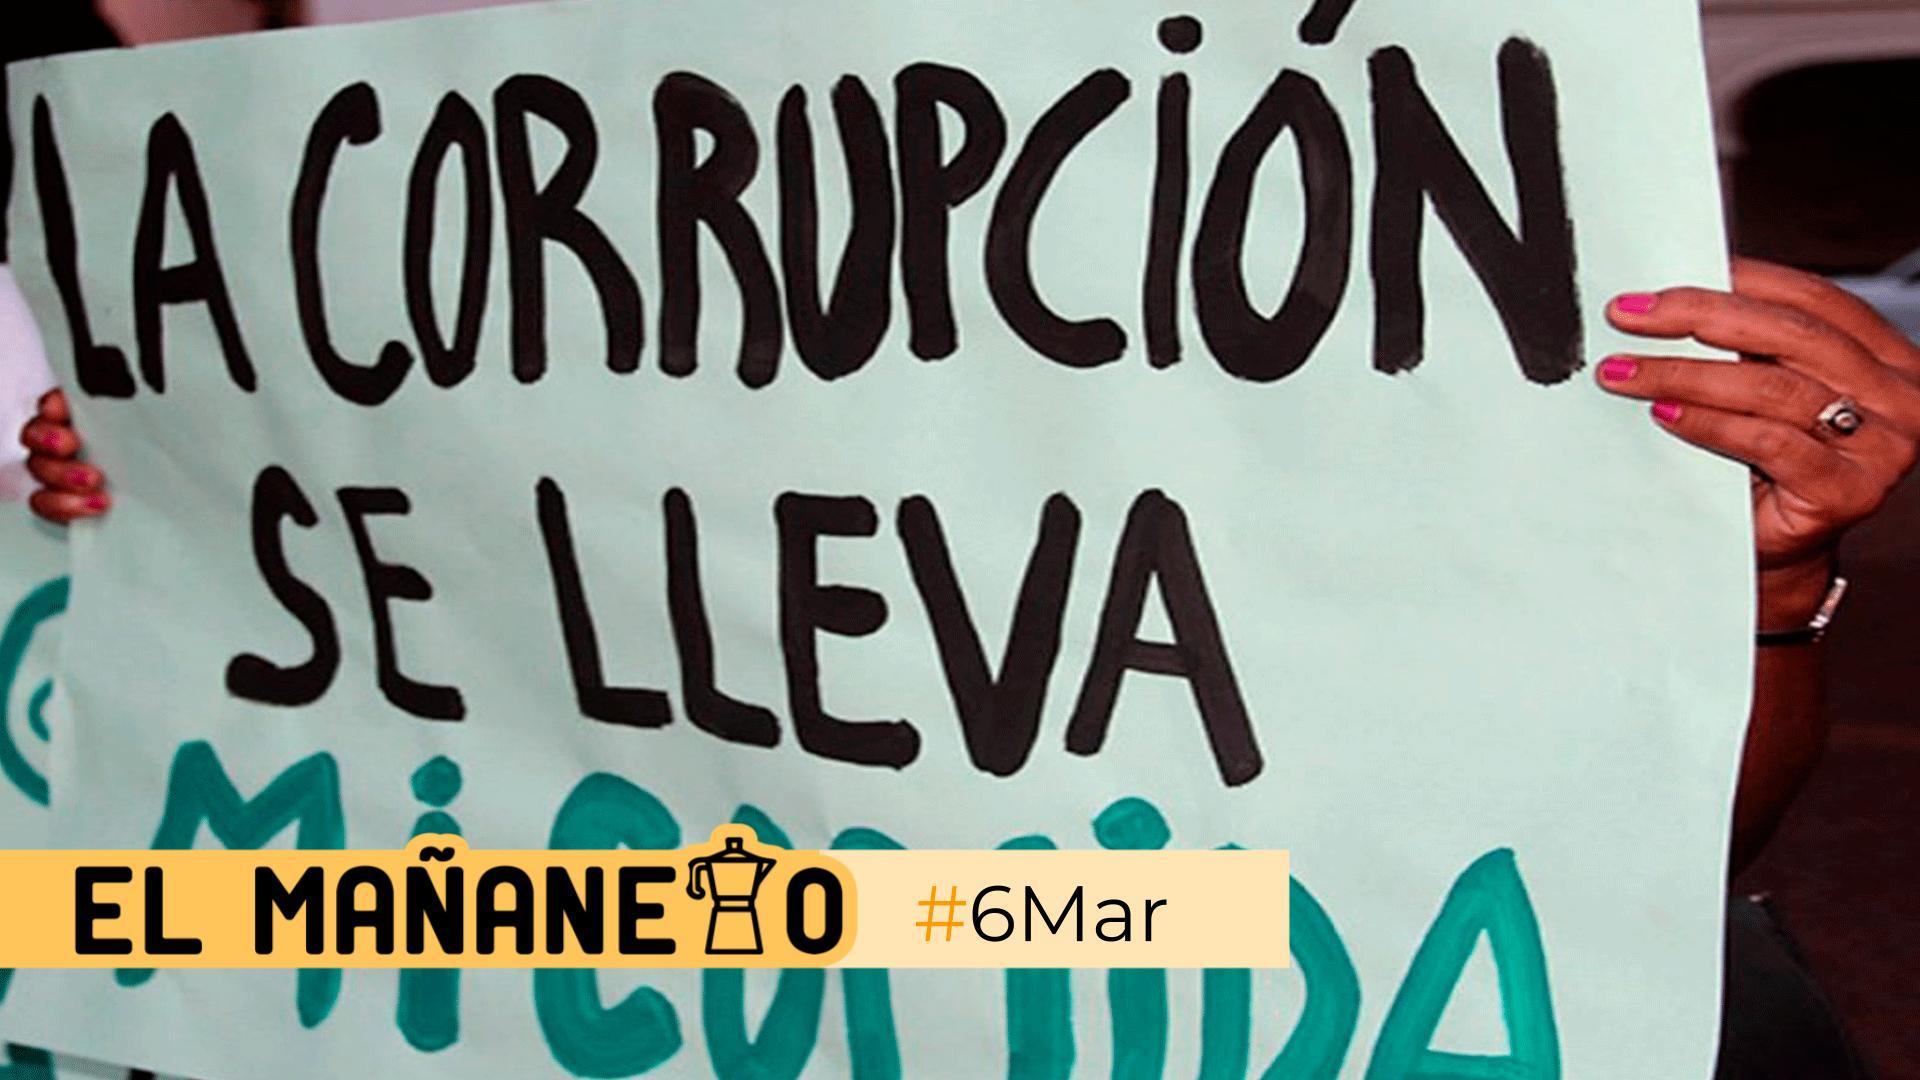 El Mañanero de hoy #6Mar: Las 8 noticias que debes saber